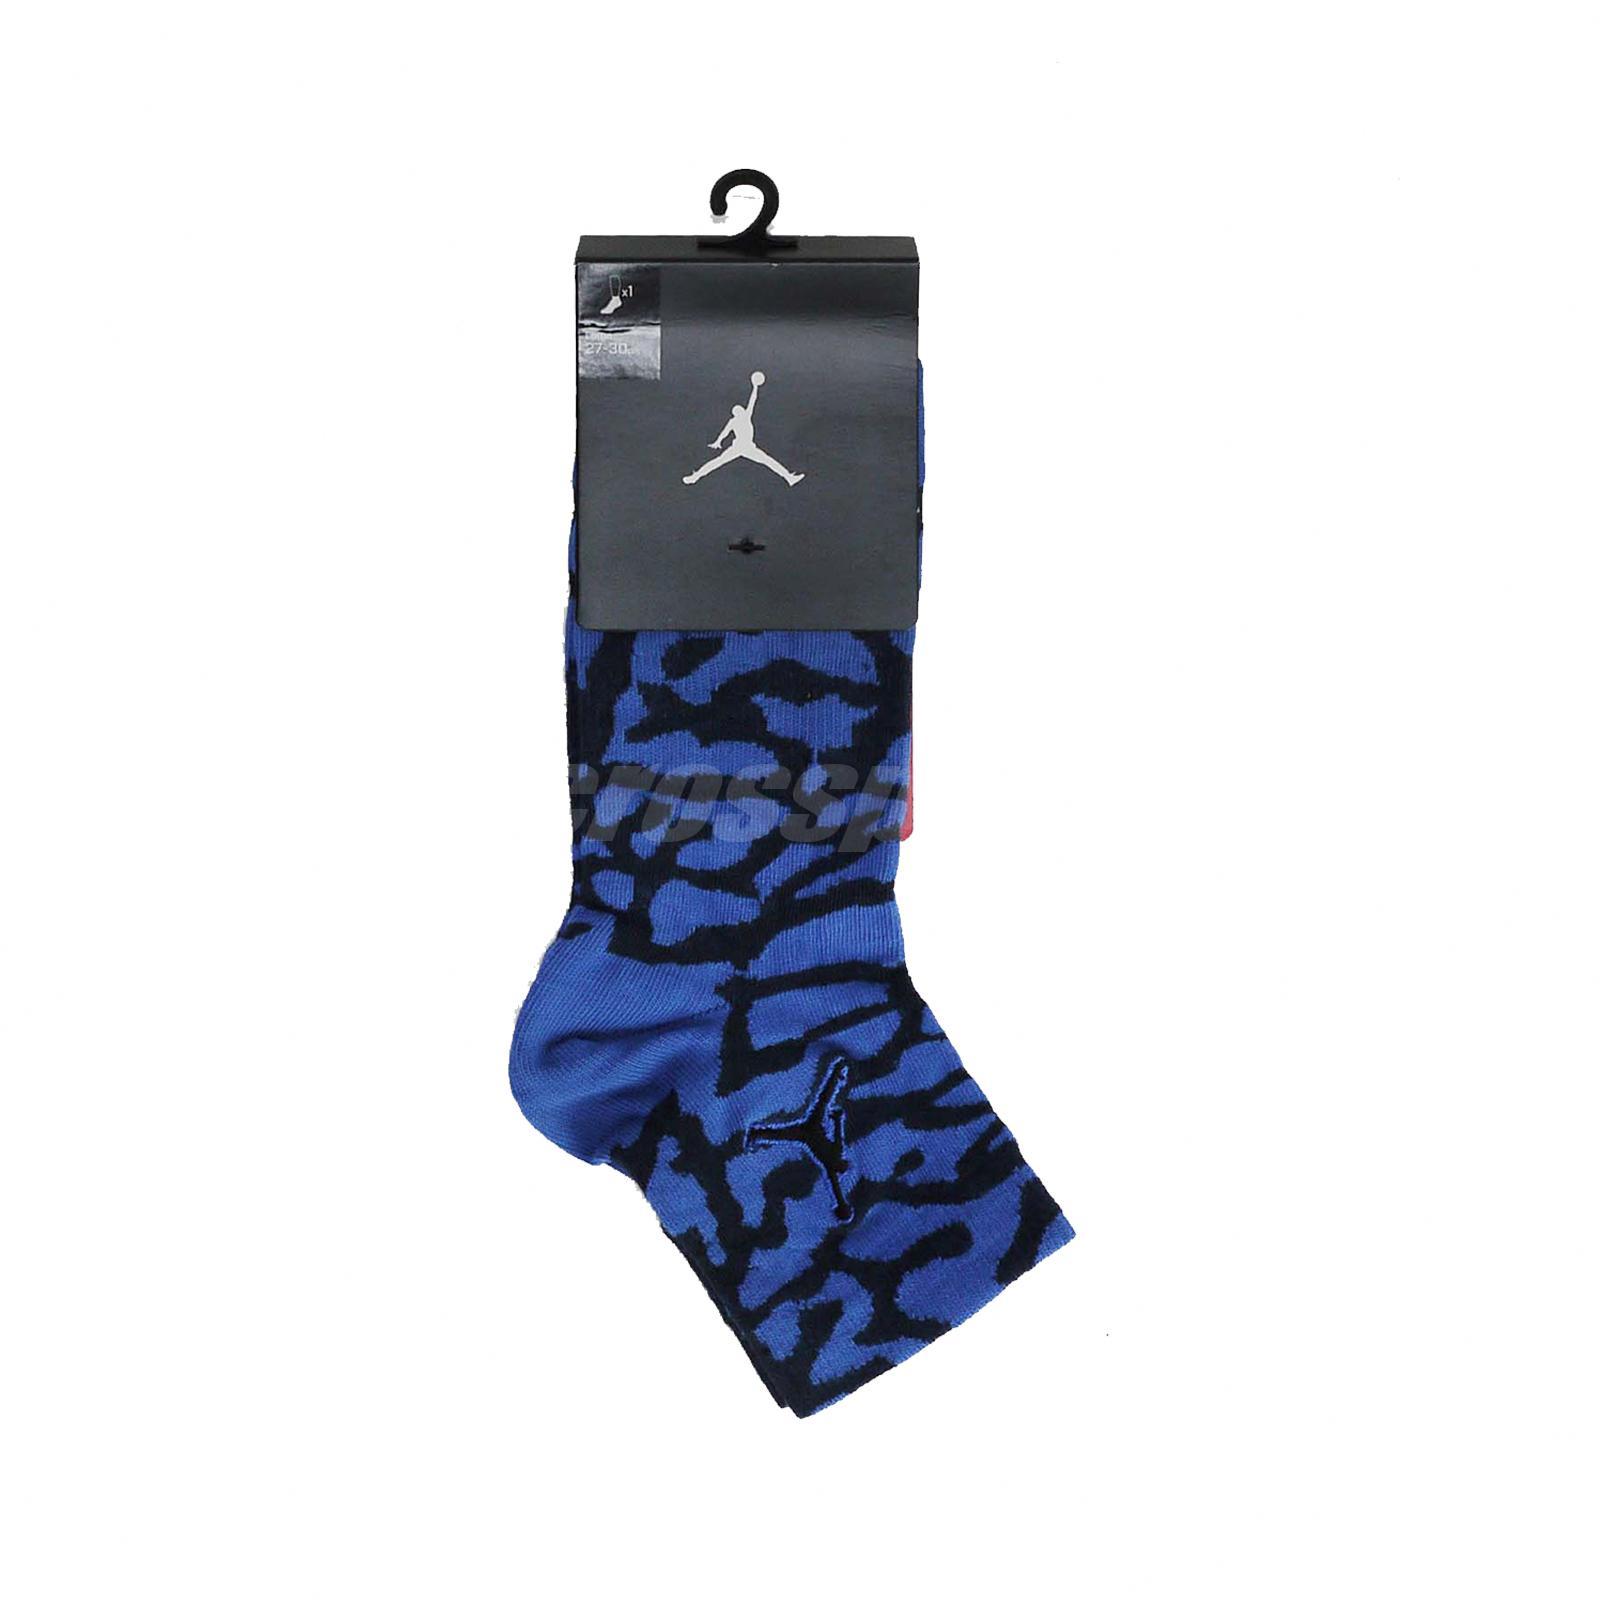 Nike Uni Air Jordan Elephant Print Quater Socks Blue Black SX5858